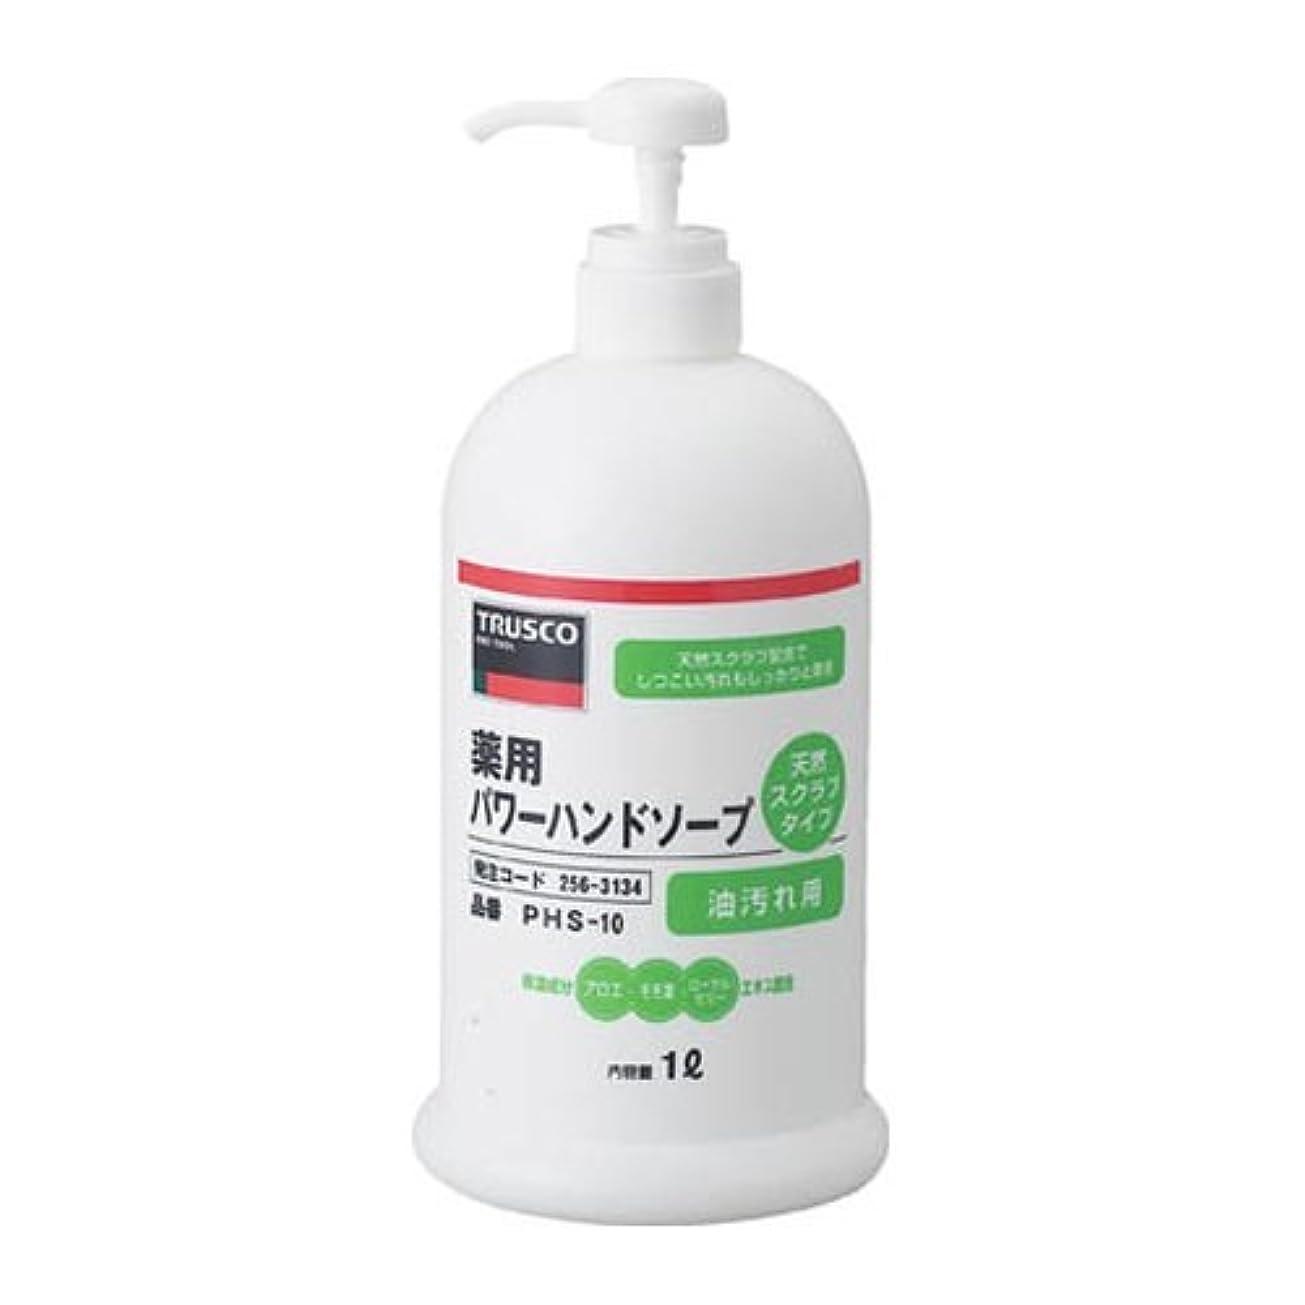 進む物質今までTRUSCO 薬用パワーハンドソープポンプボトル1.0L